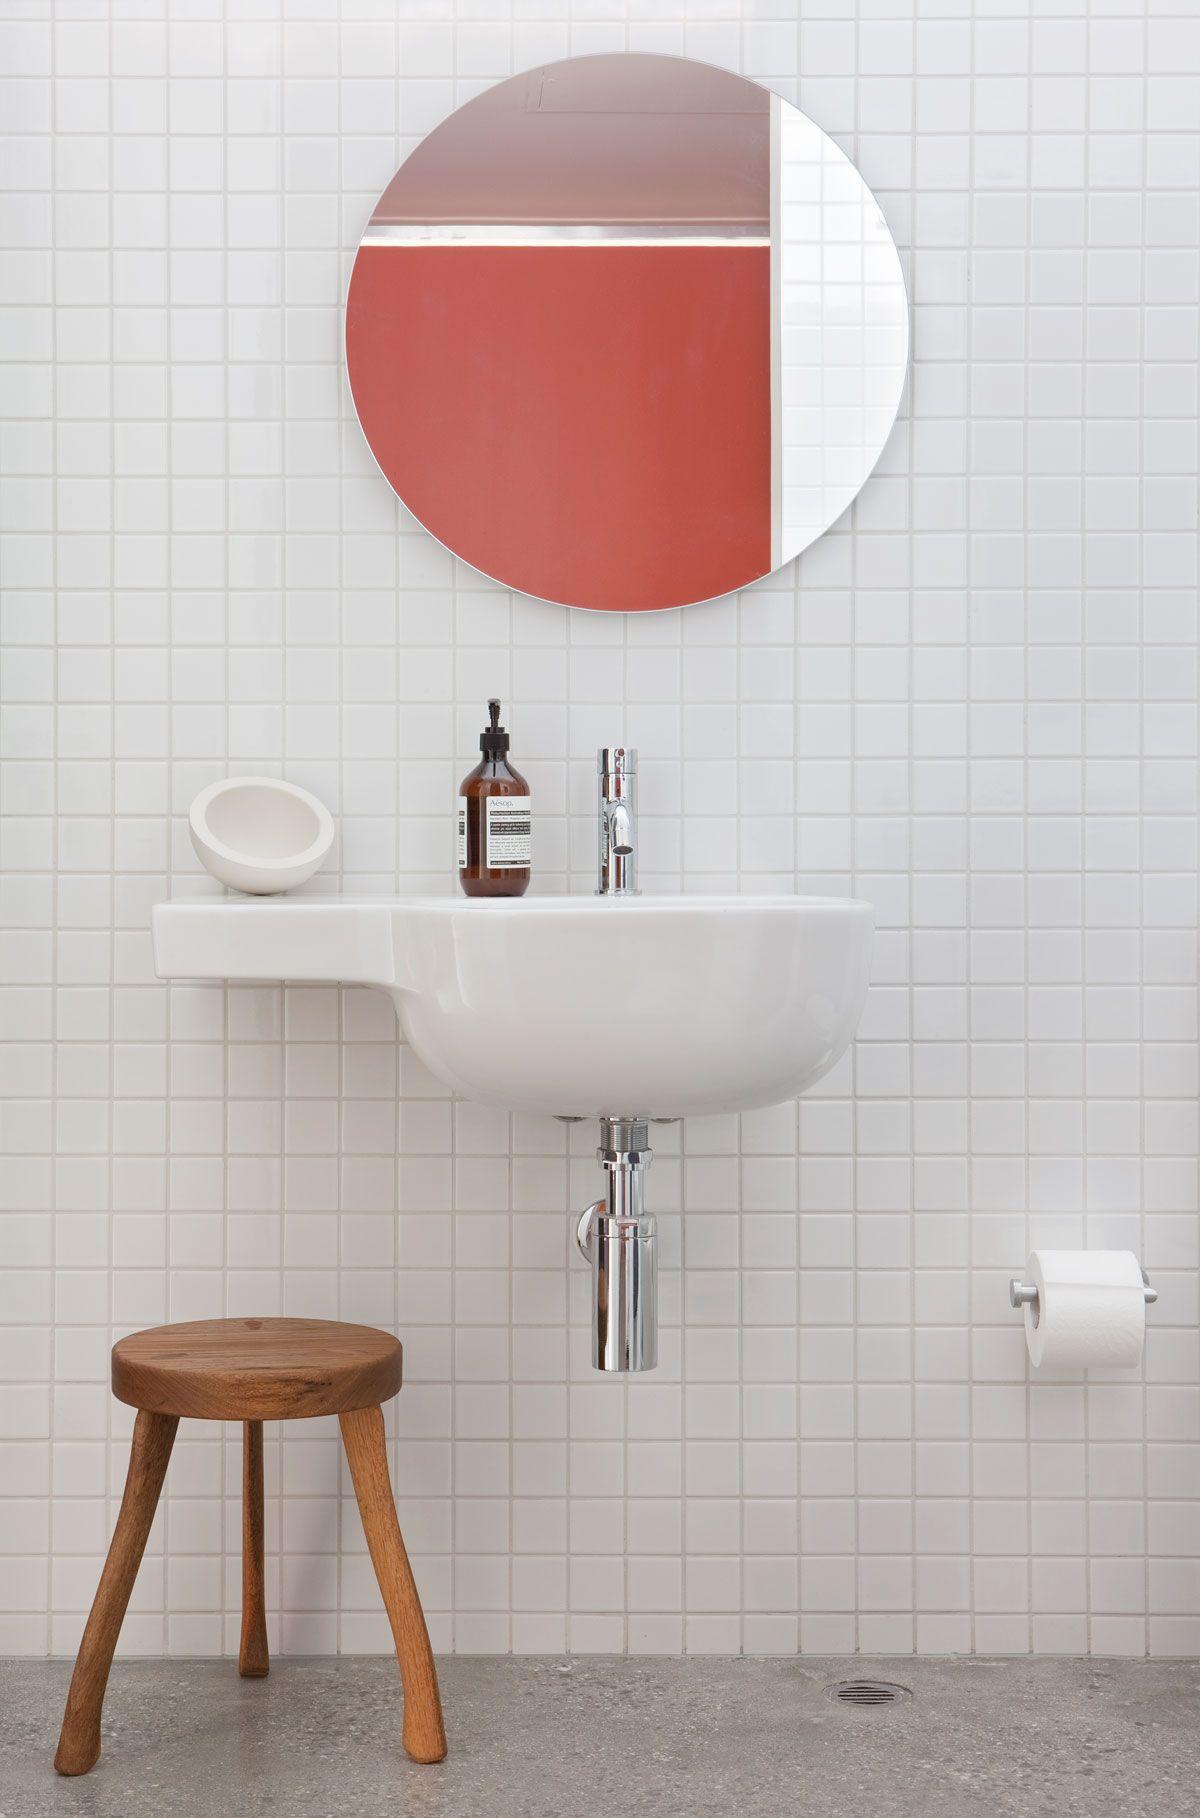 Kleine Quadratfliesen X Schön Decoration Details Pinterest - 5x5 mirror tiles